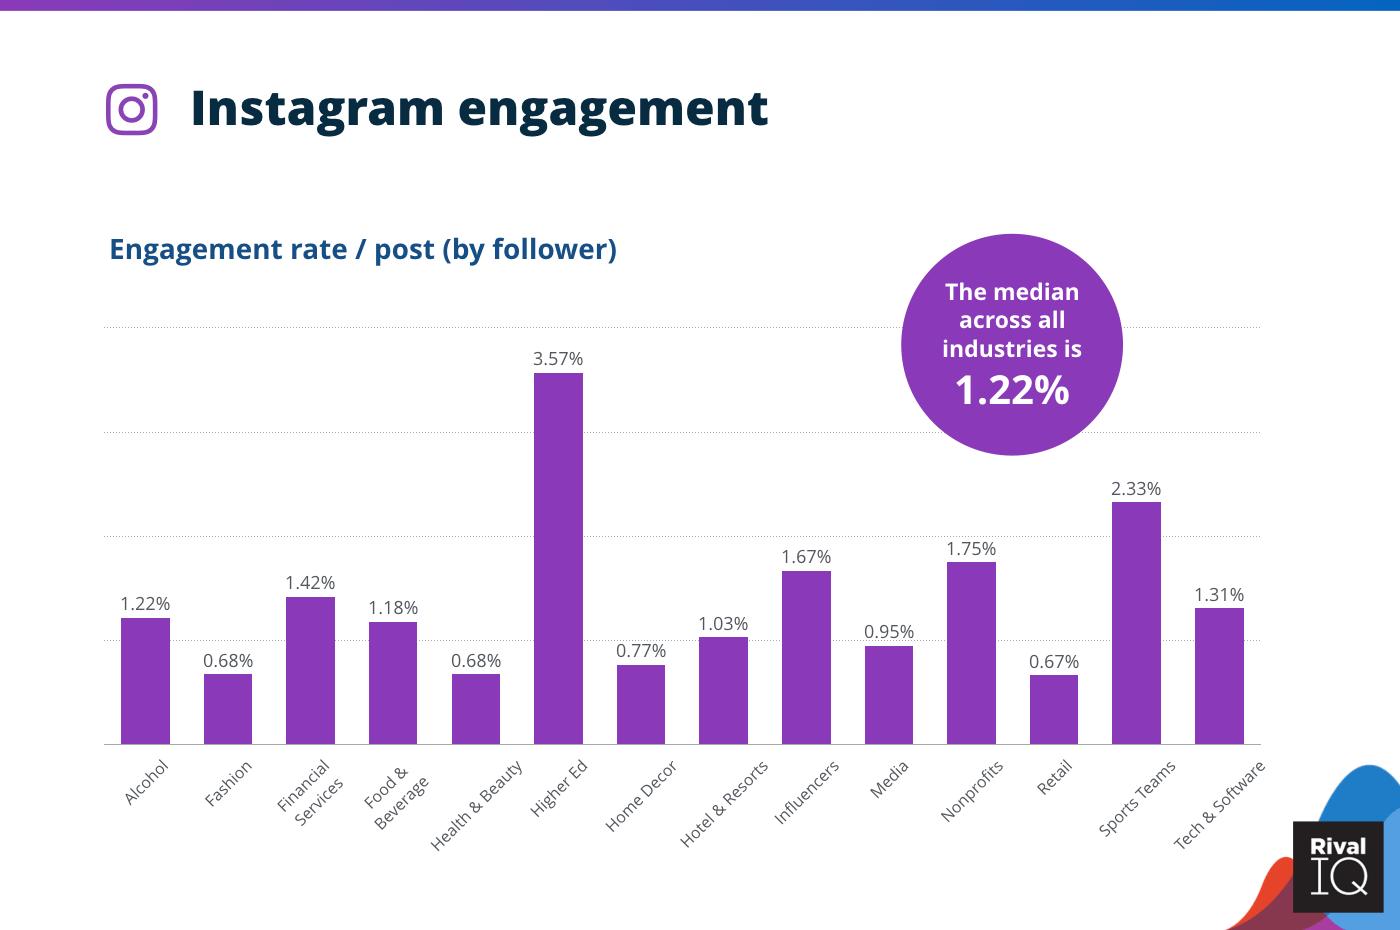 Instagram engagement statistics